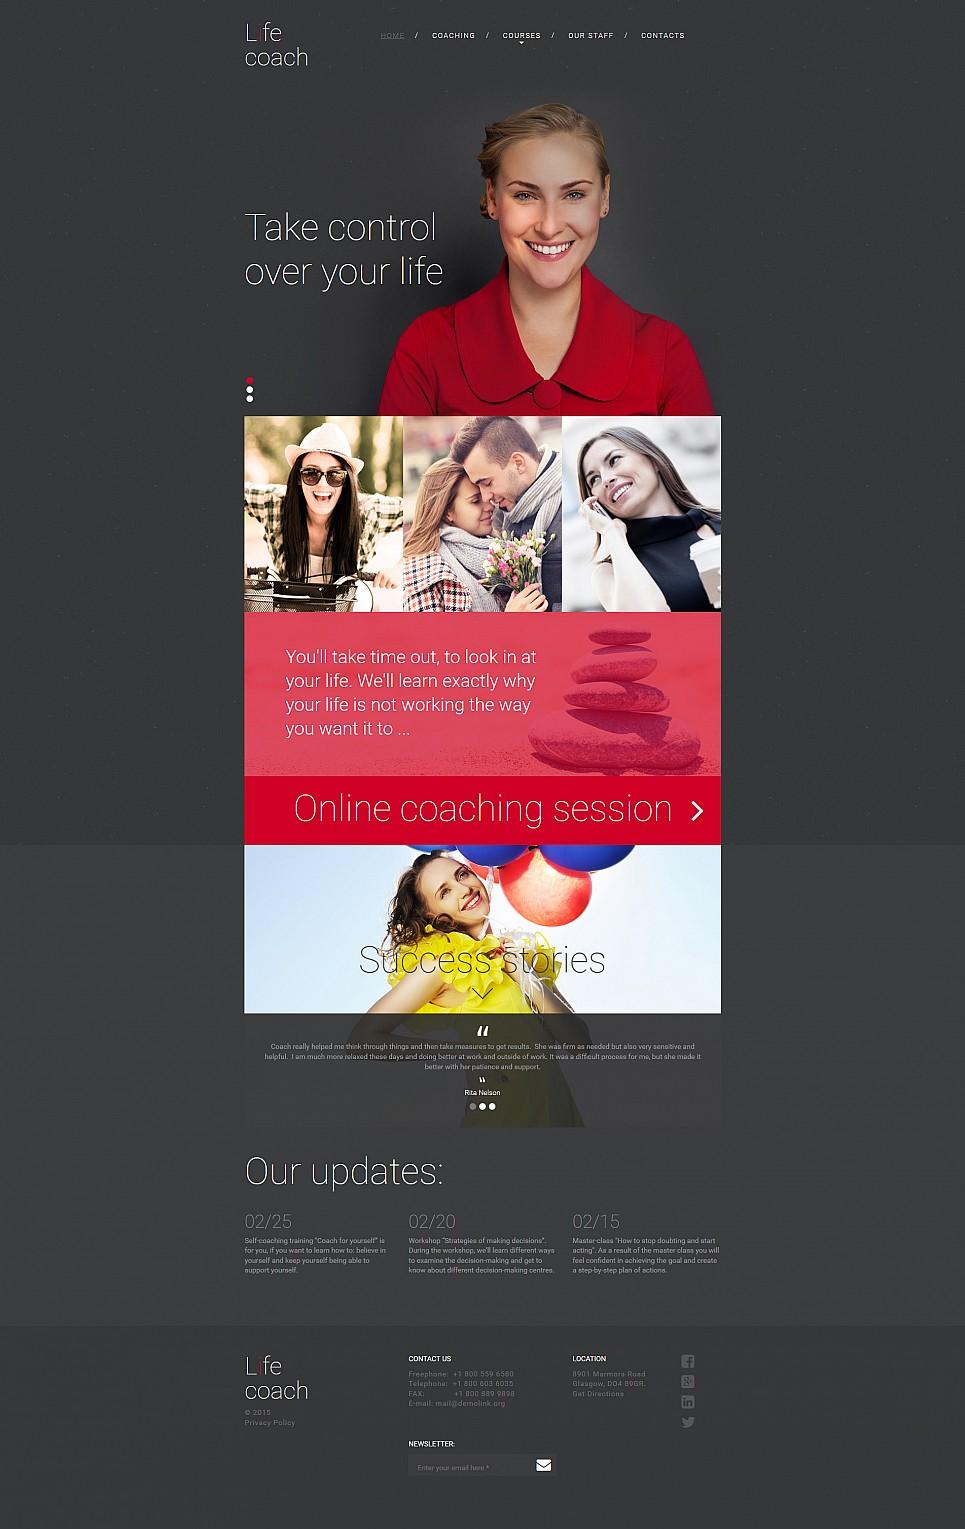 Plantilla de sitio web de cursos de vida - image